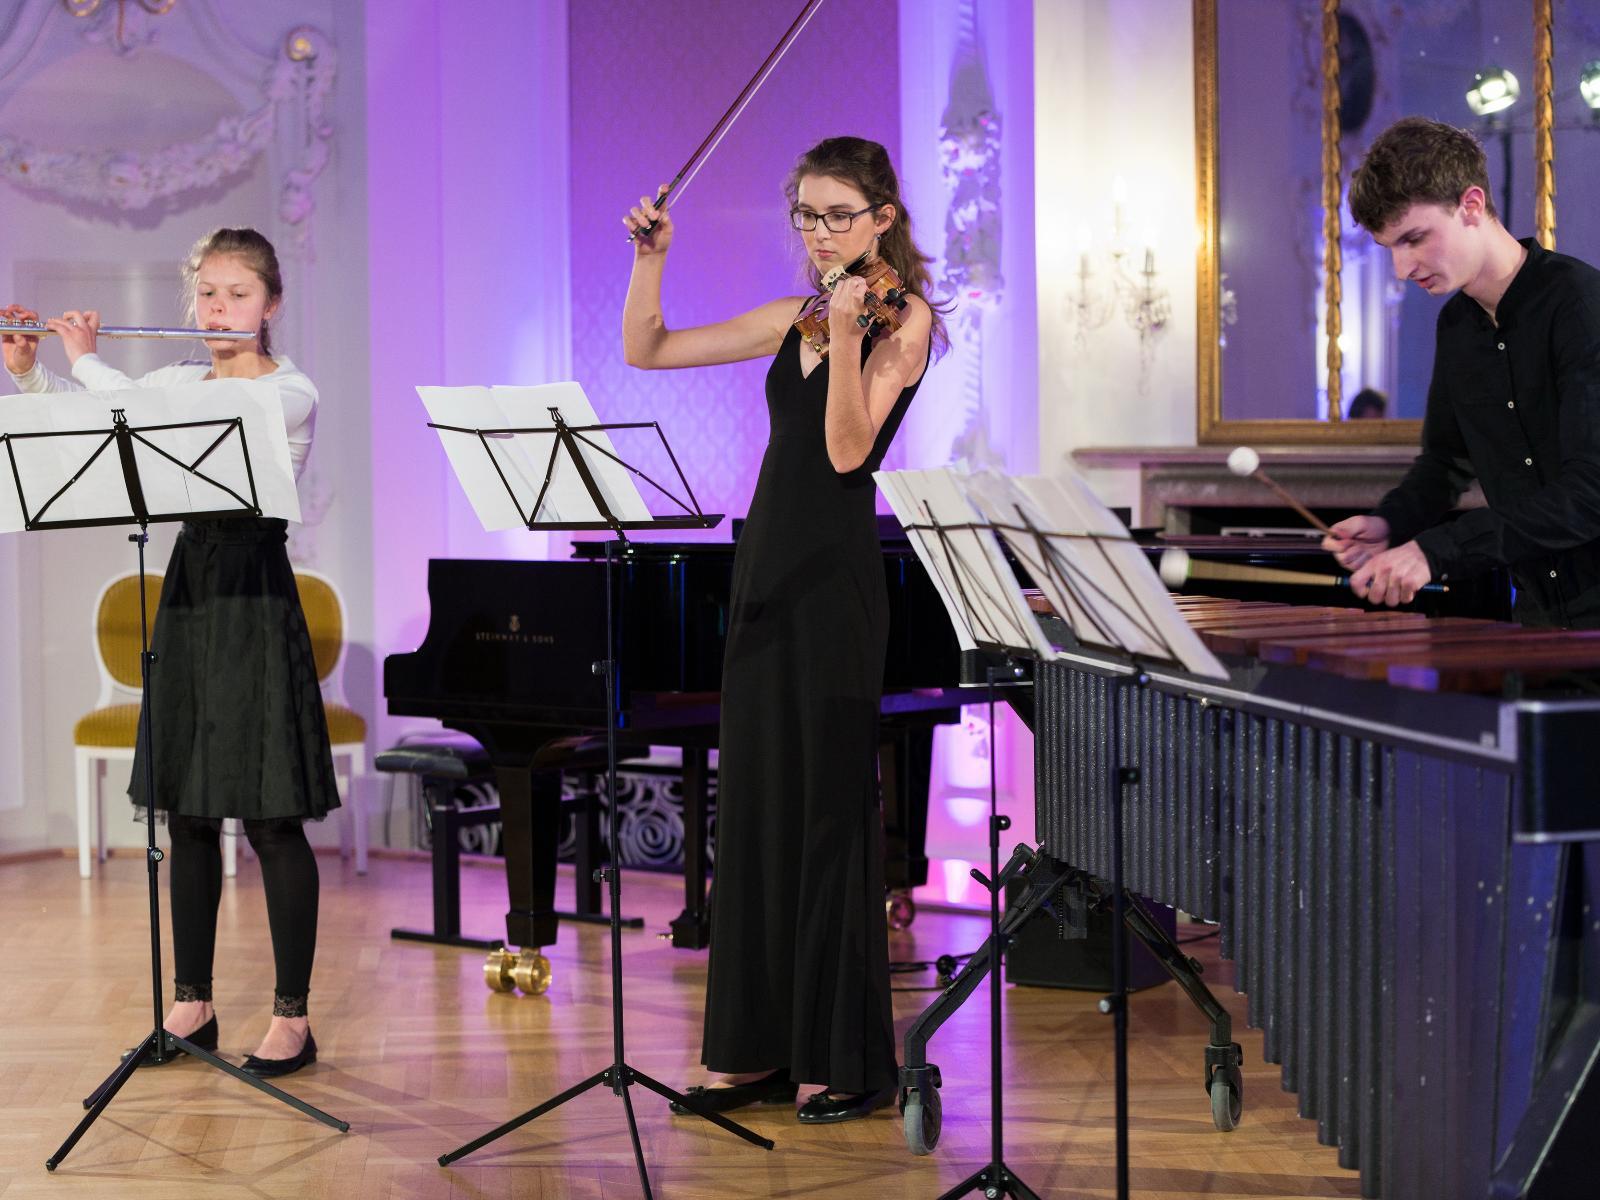 Meret Lousia Vogel, Janne-Lisabeth Pelz, Finn Hennes